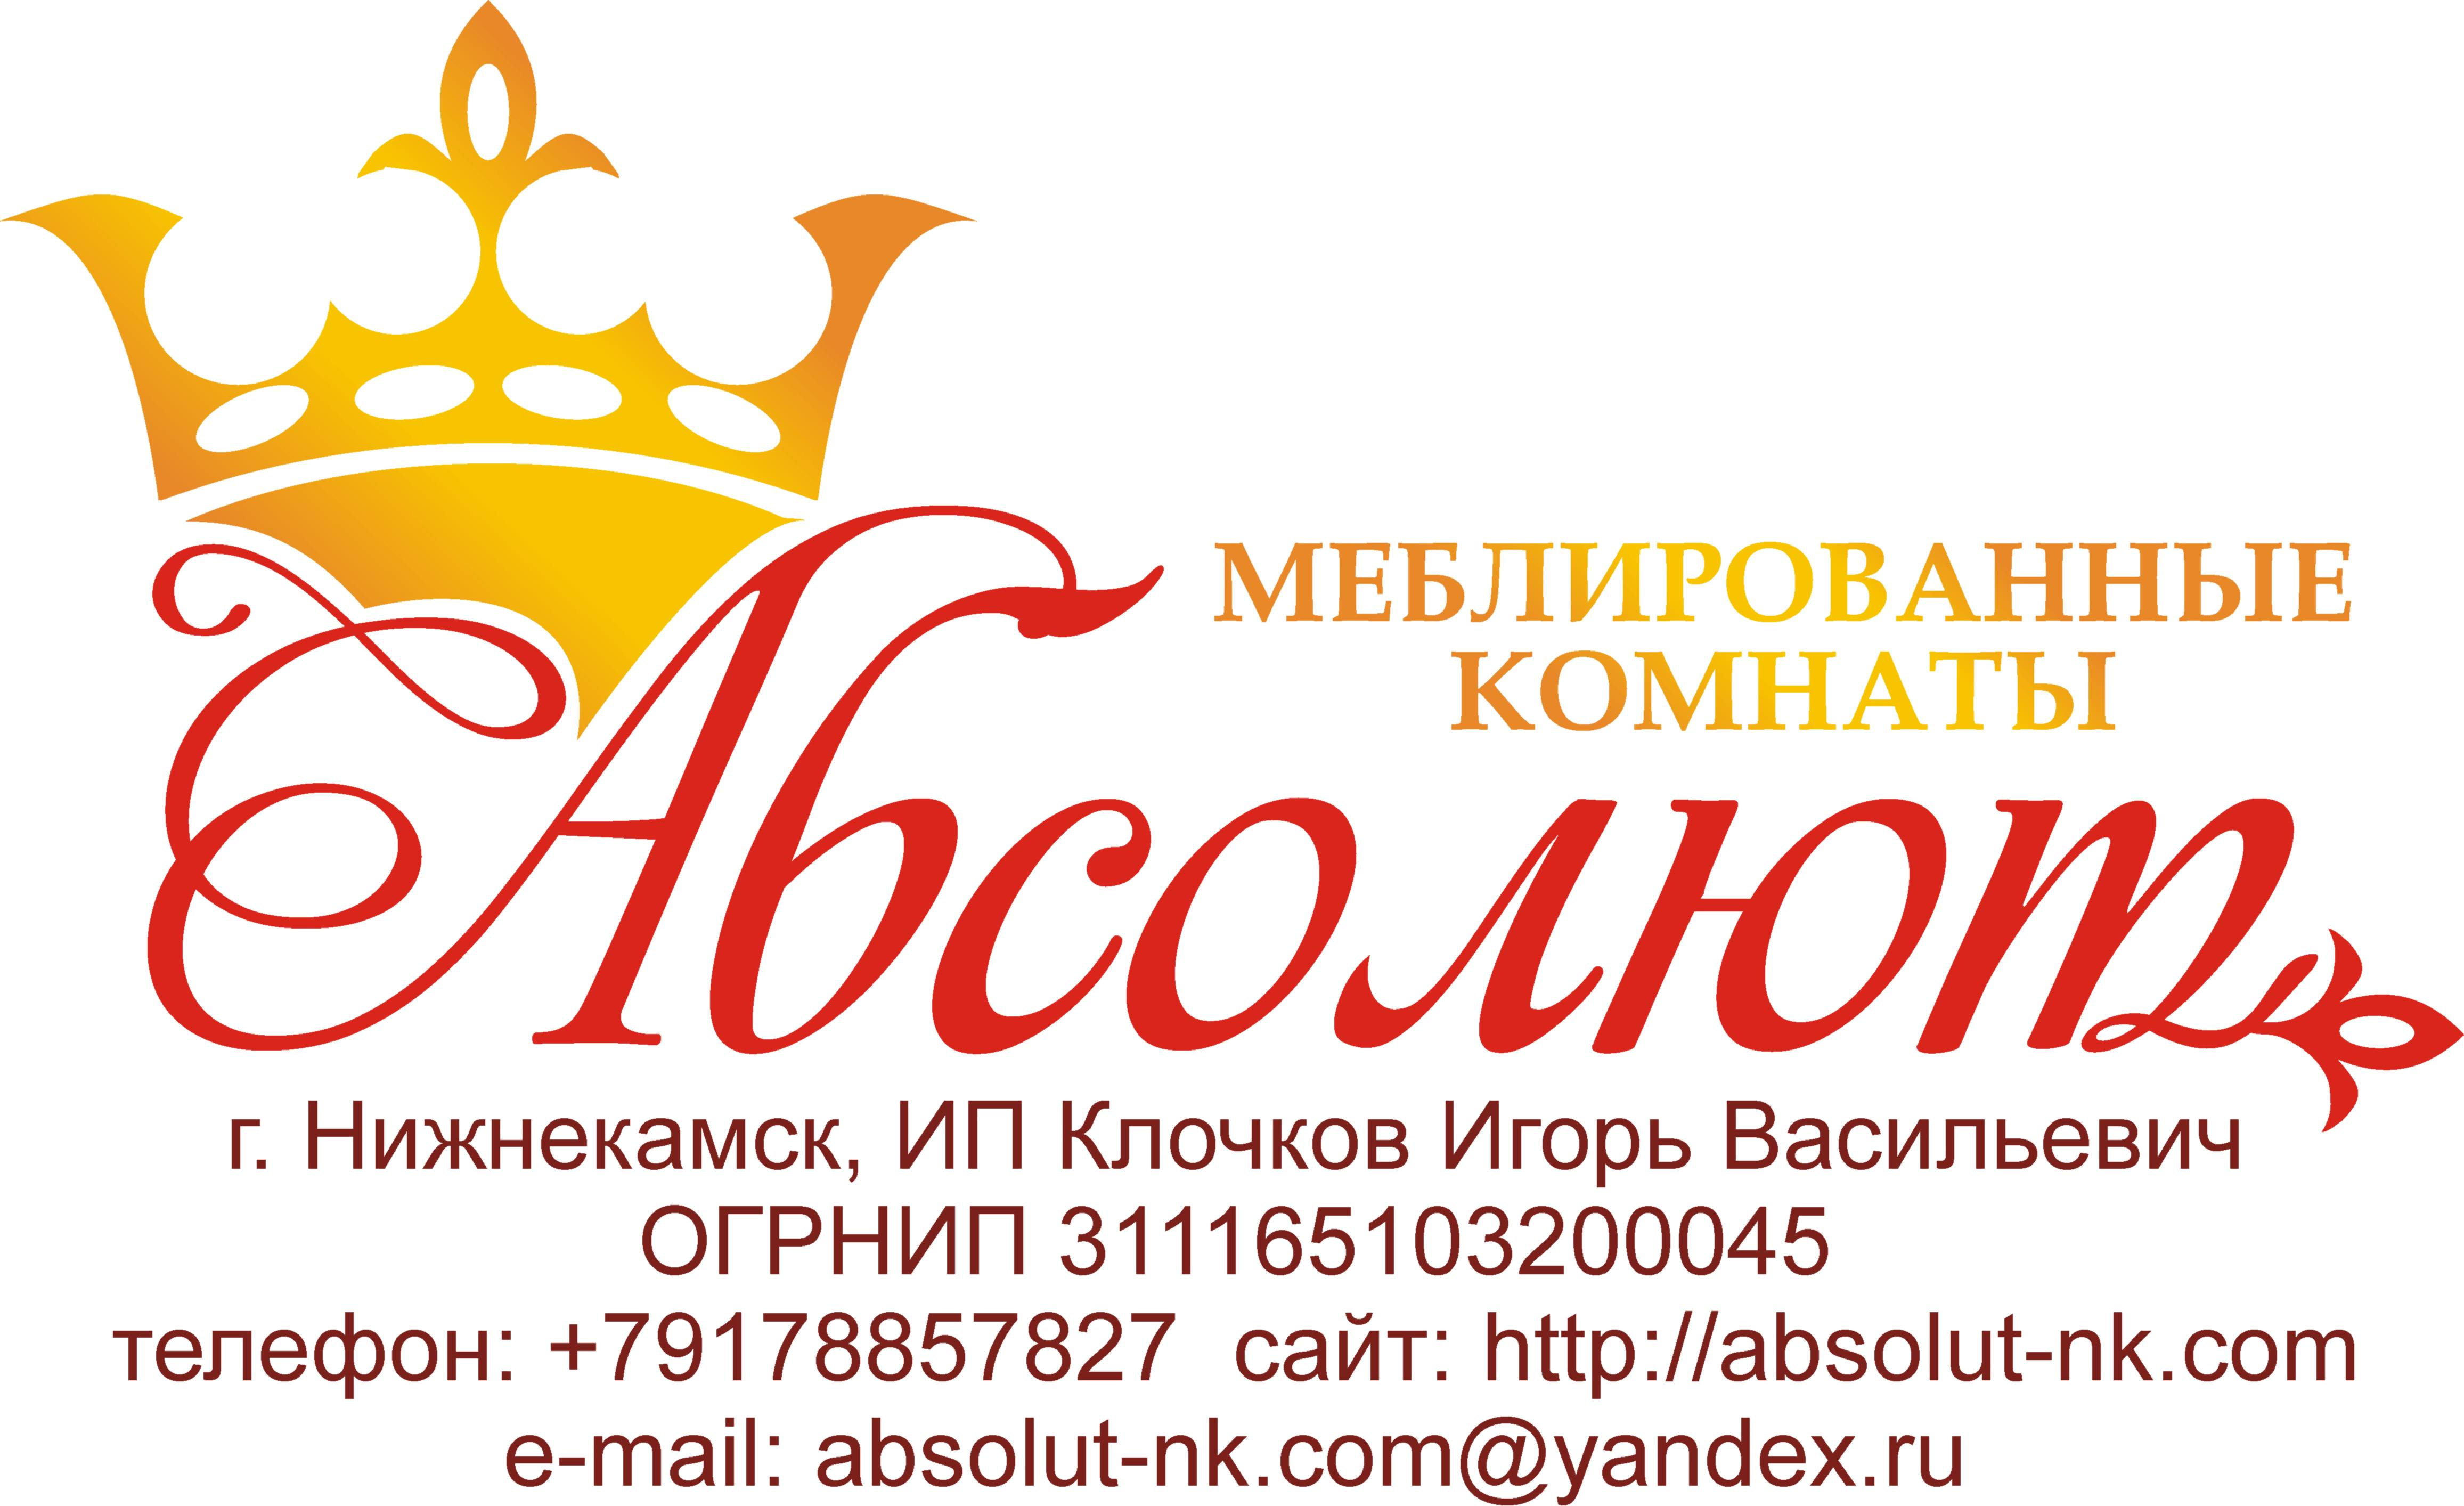 Логотип меблированных комнат Абсолют в Нижнекамске